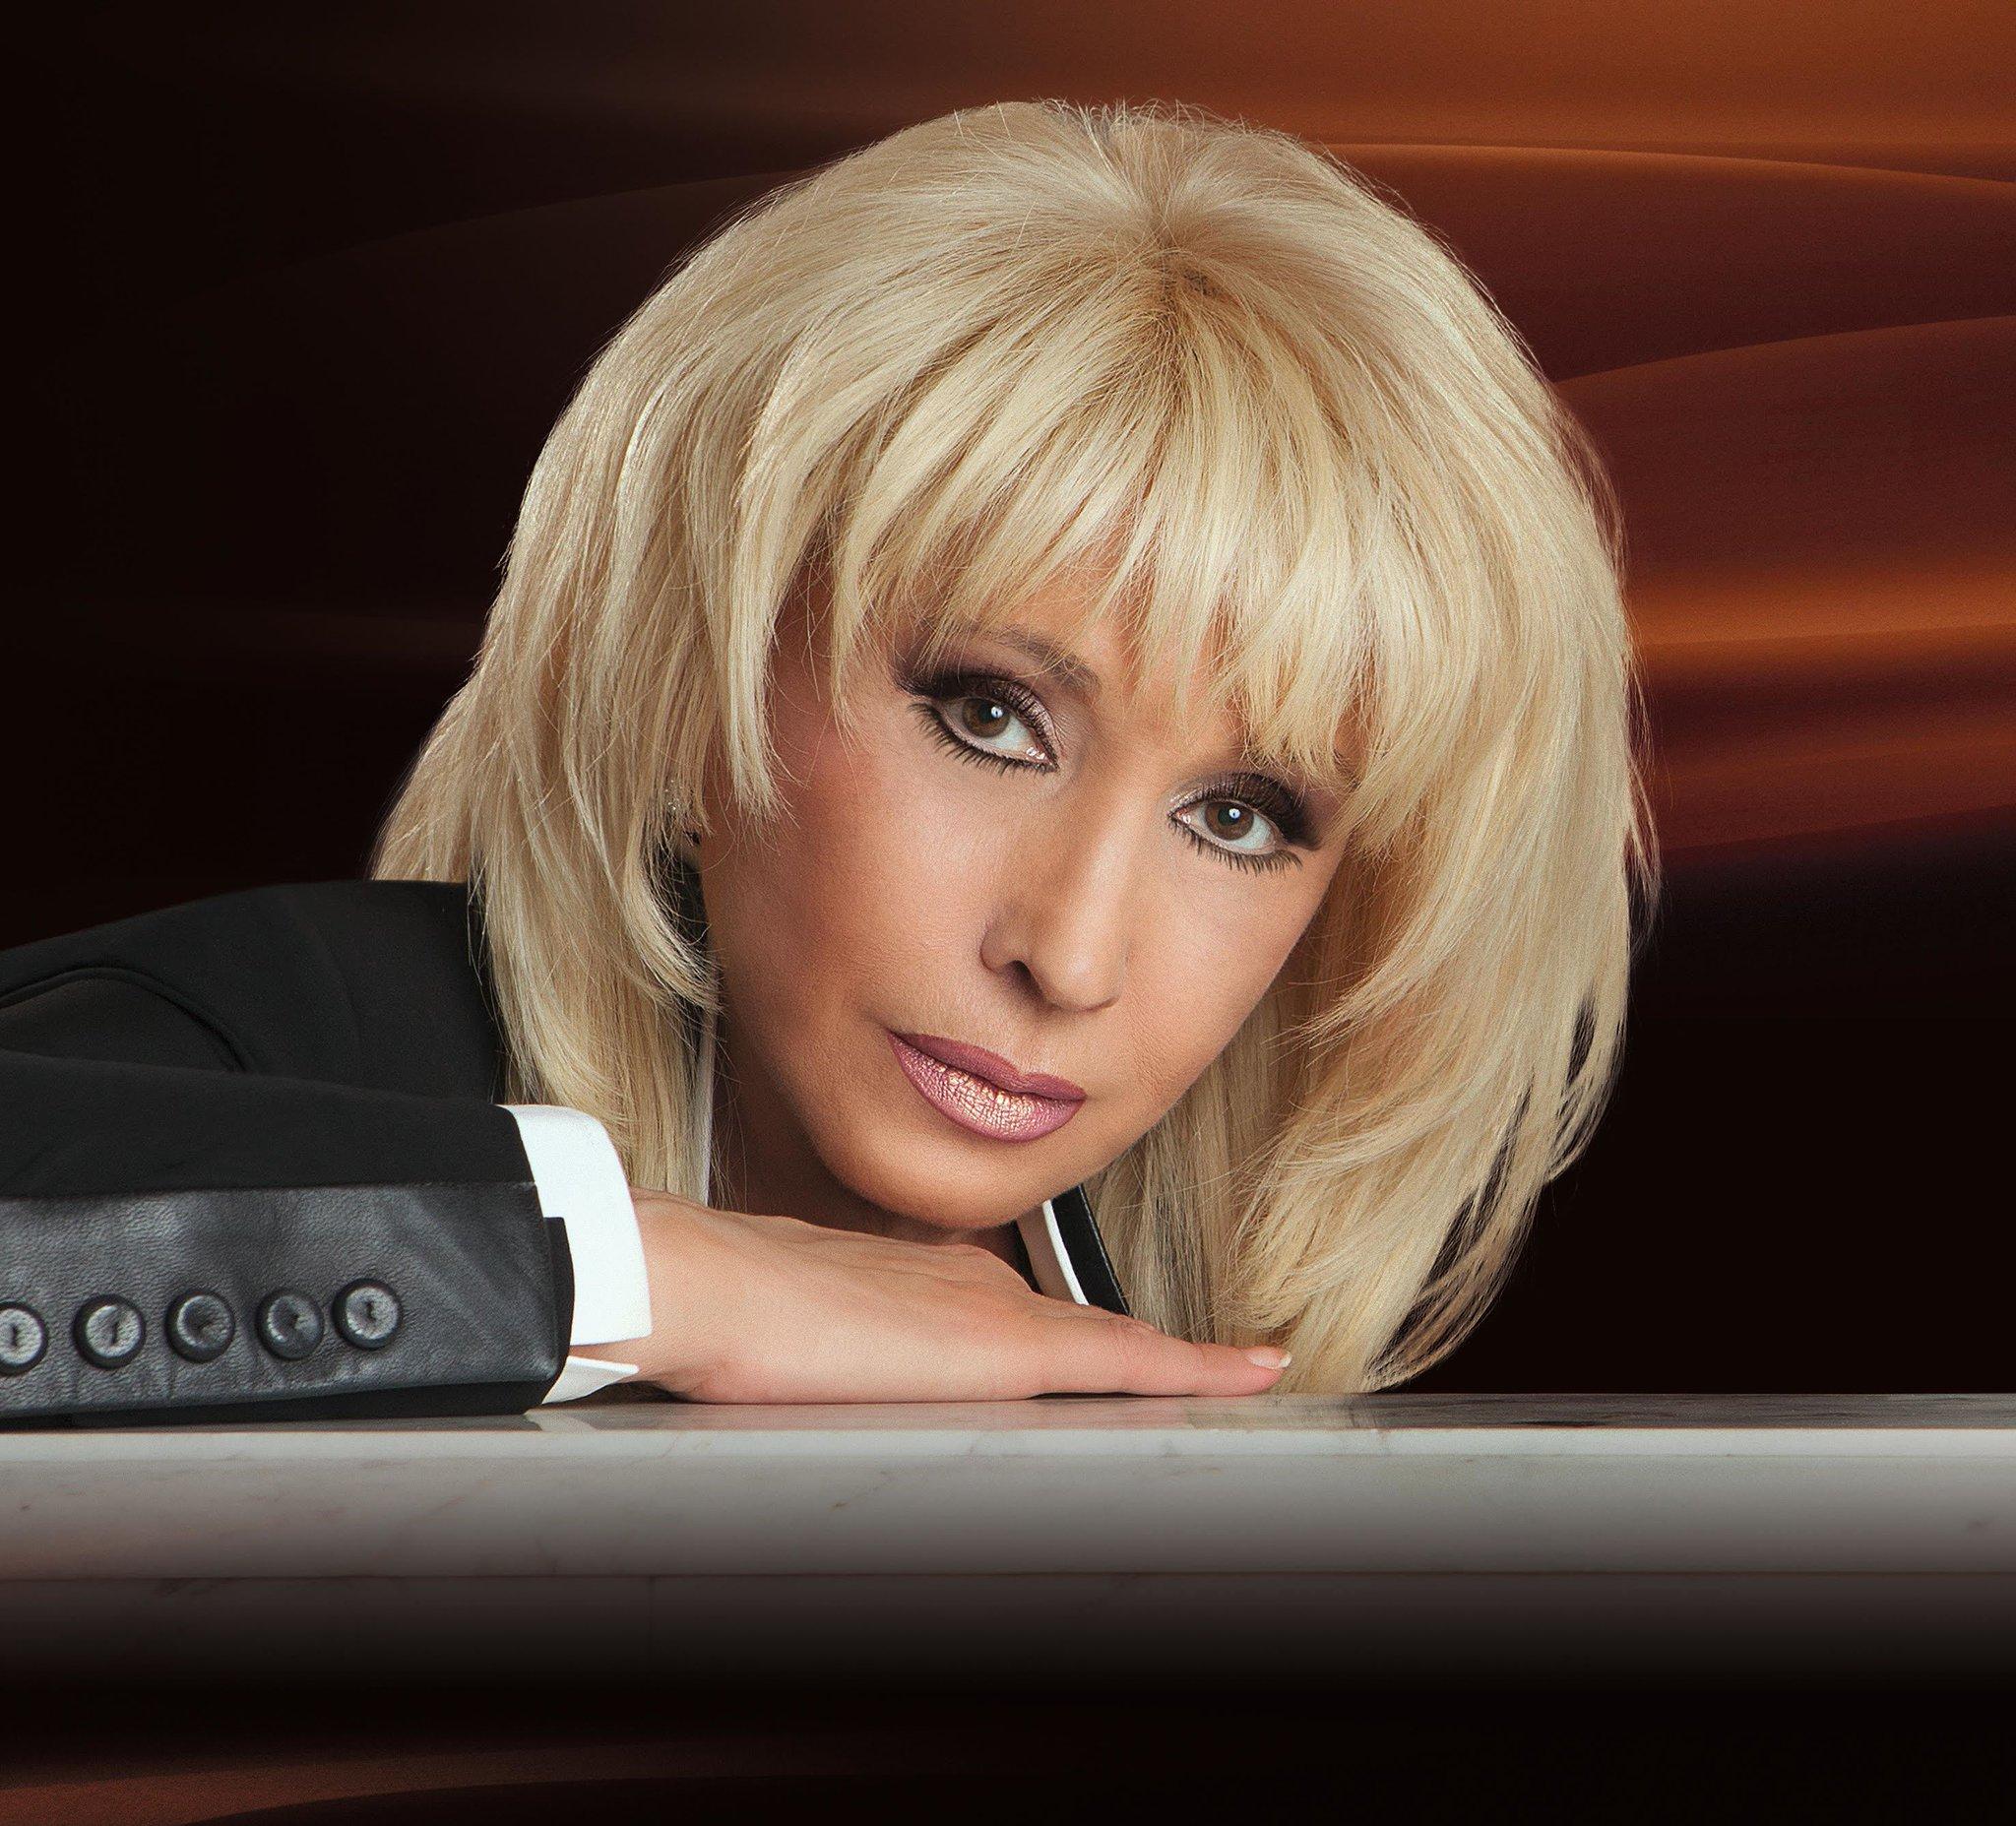 фото певицы ирины аллегровой